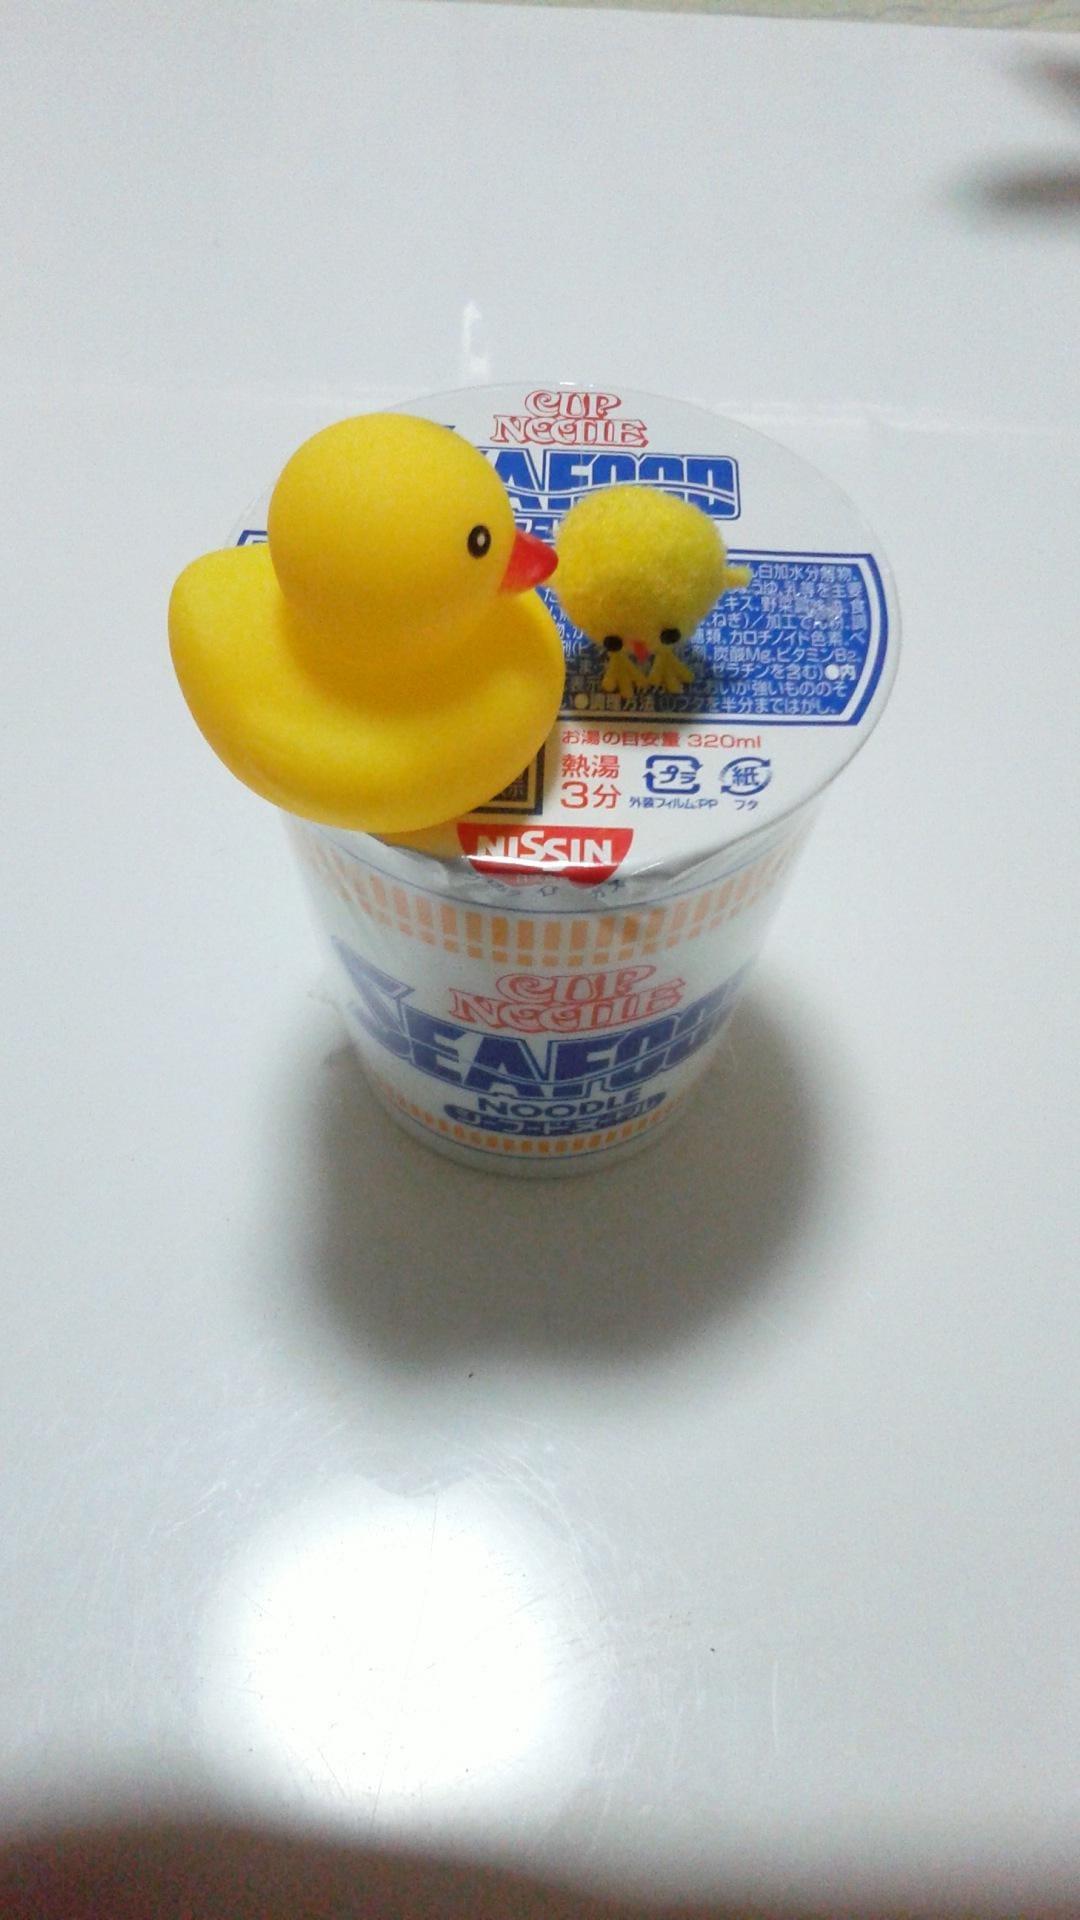 「モグモグ ショット。ヾ(o゜ω゜o)ノ゛」06/03(水) 18:12 | 近藤博子の写メ・風俗動画